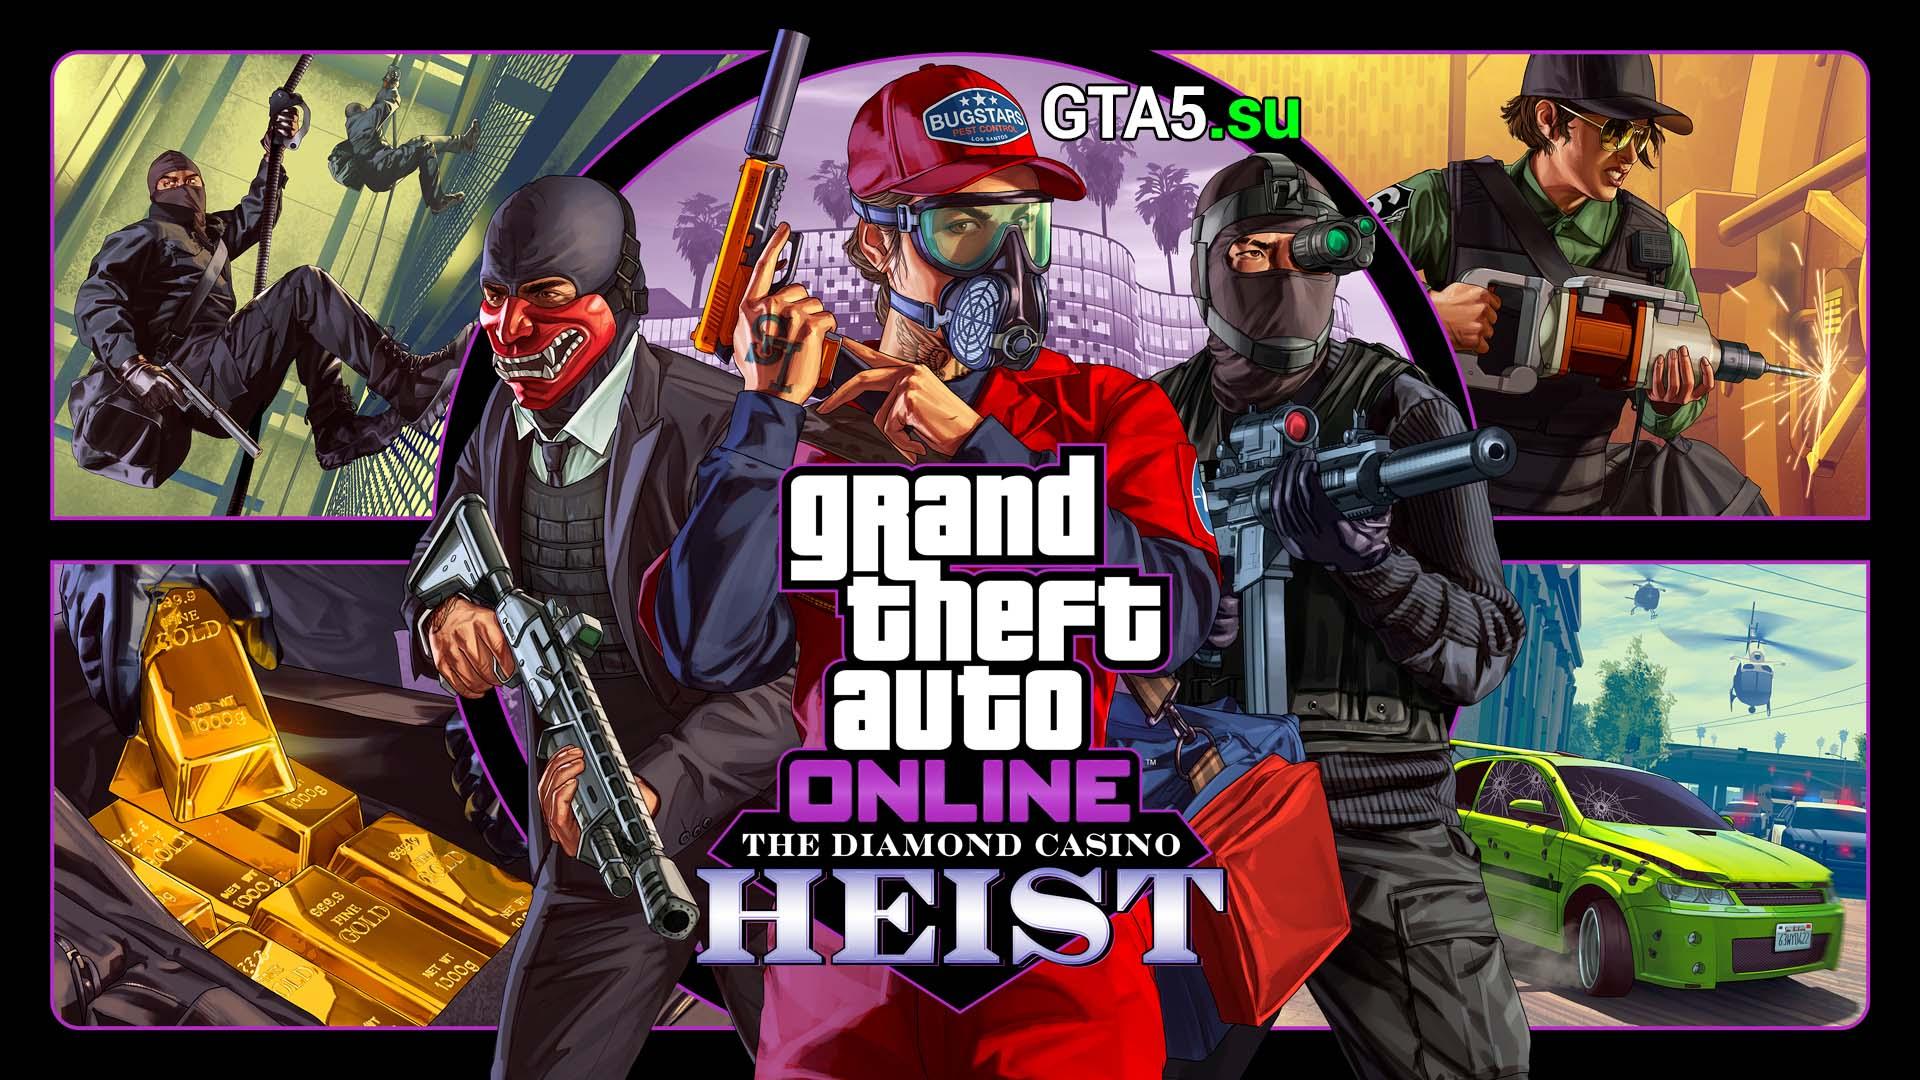 Ограбление казино hd онлайн бесплатно сайт казино 777